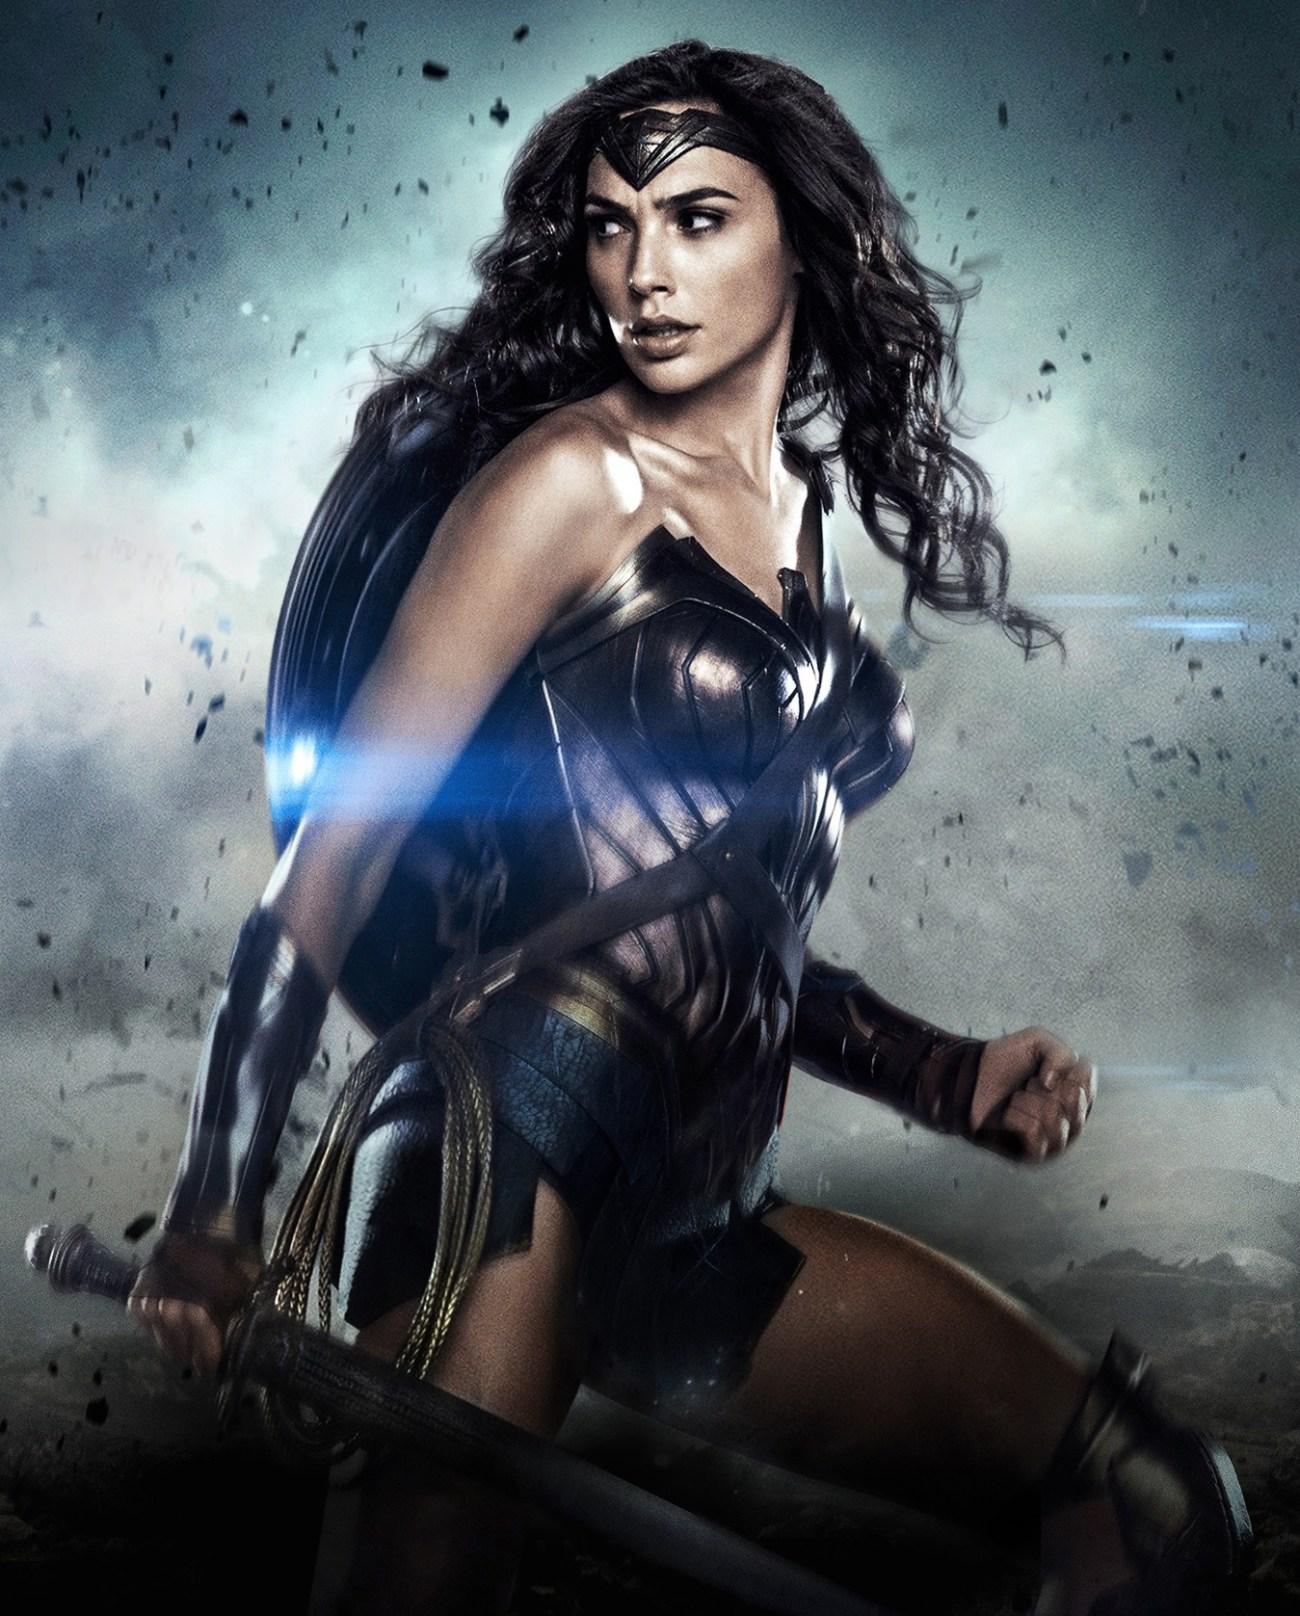 Wonder Woman (Gal Gadot) en Batman v Superman: Dawn of Justice (2016). Imagen: dcextendeduniverse.fandom.com